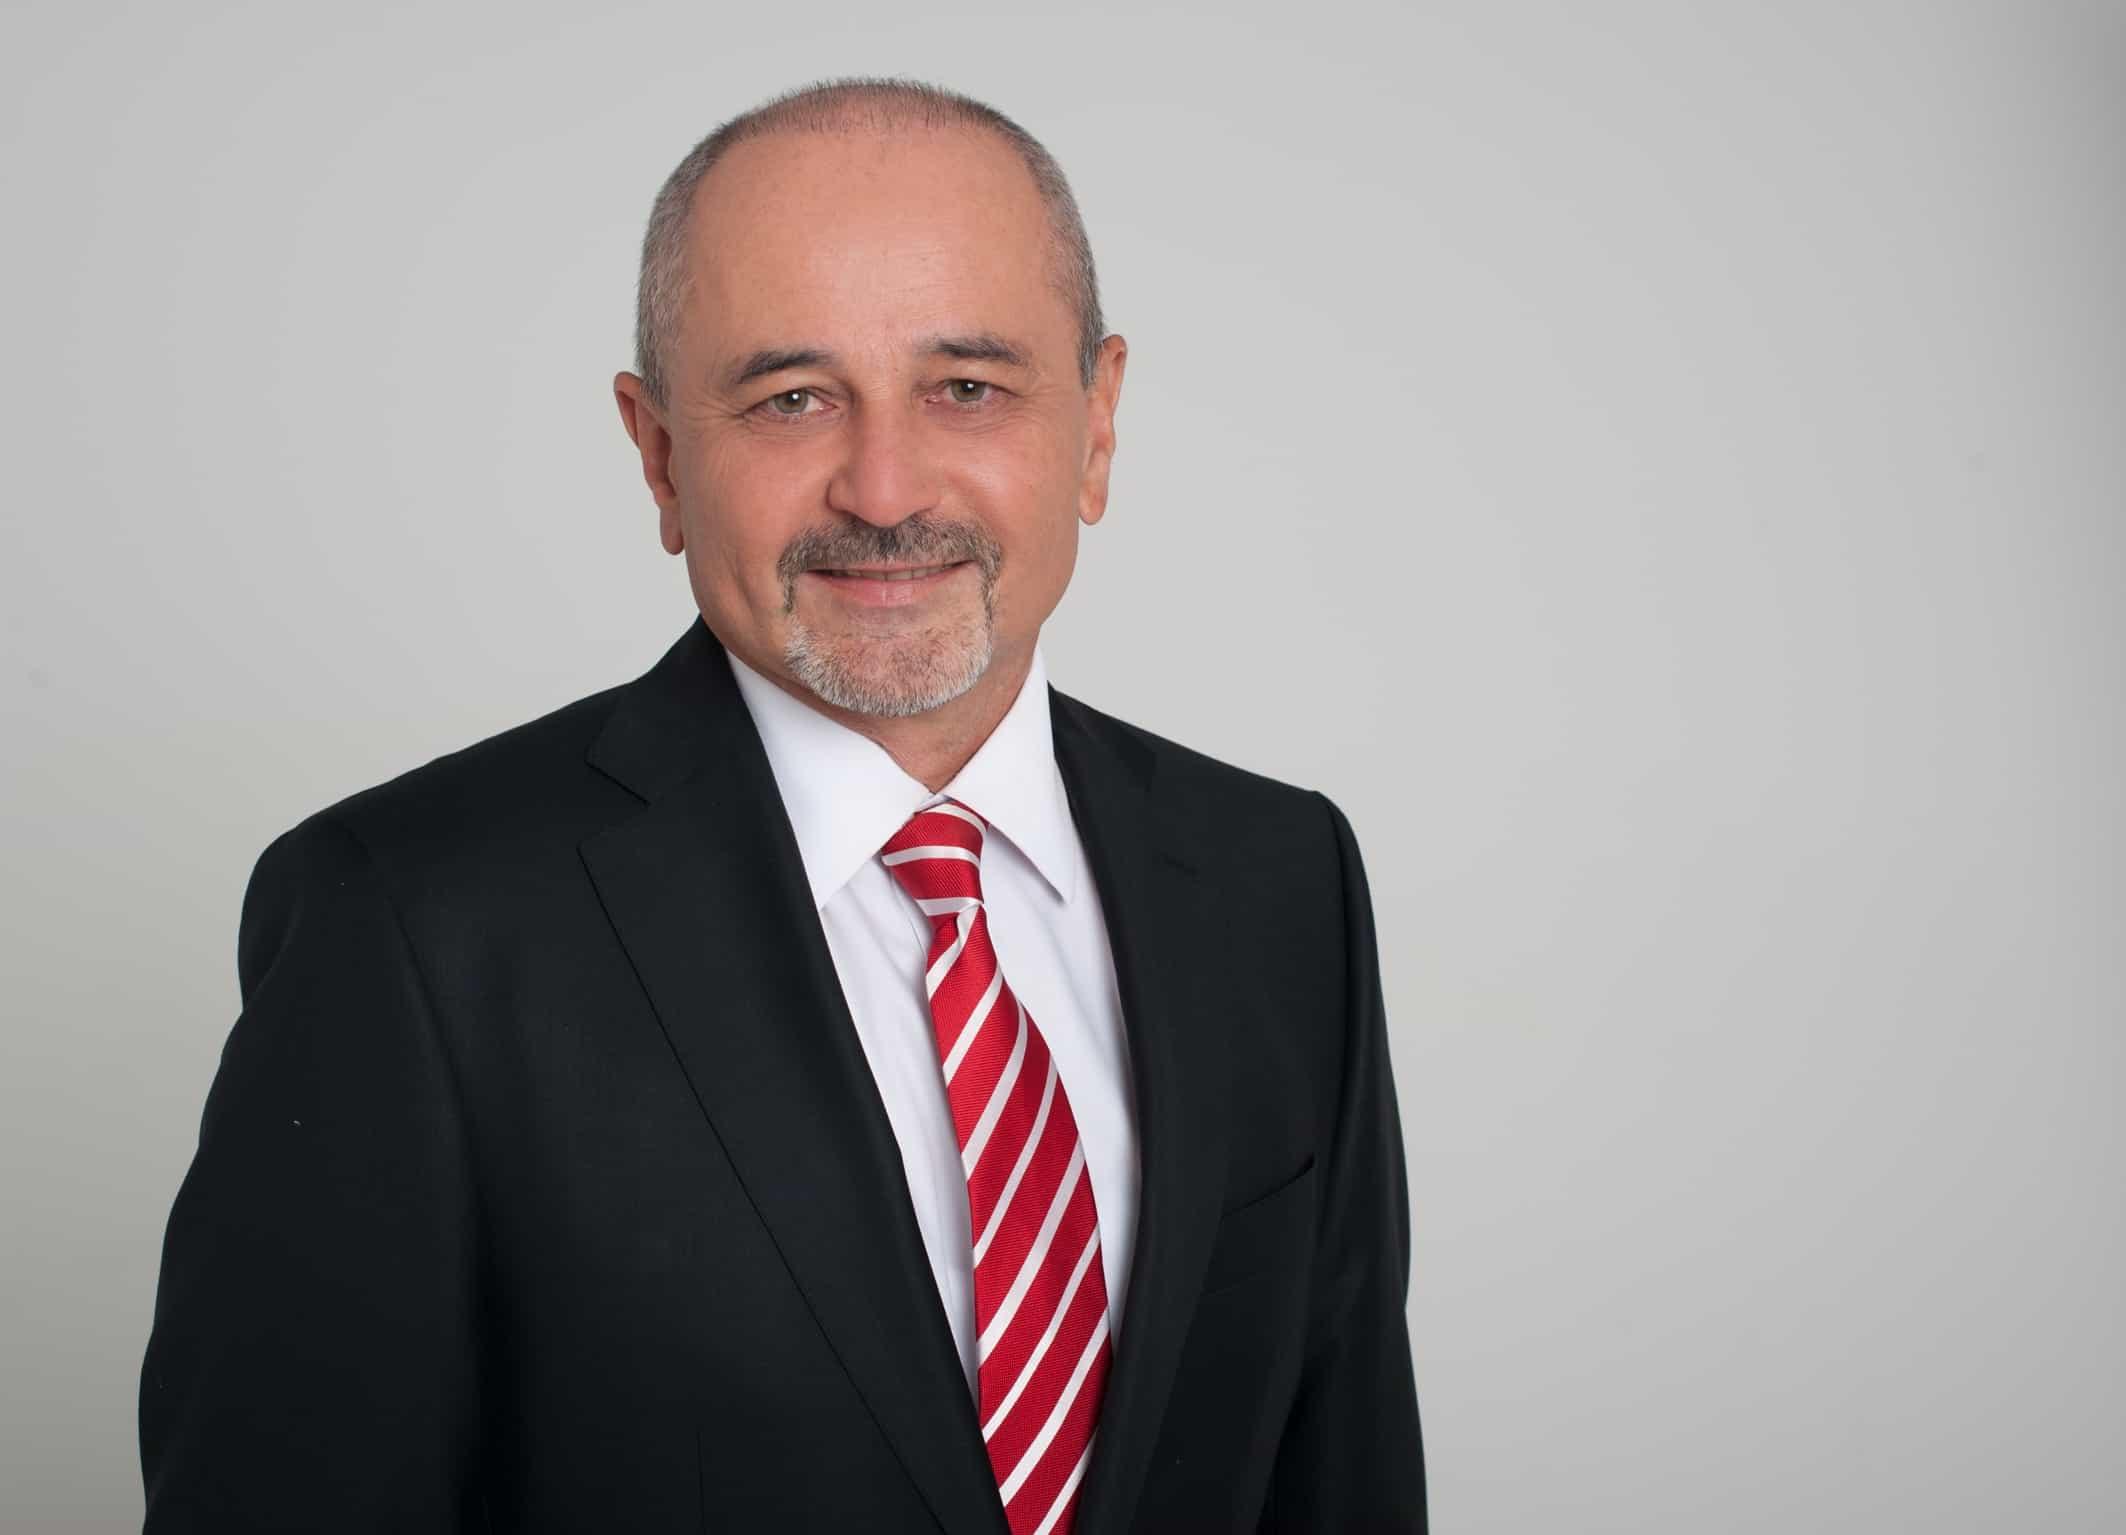 Hans Rothammer bleibt Vorstandsvorsitzender